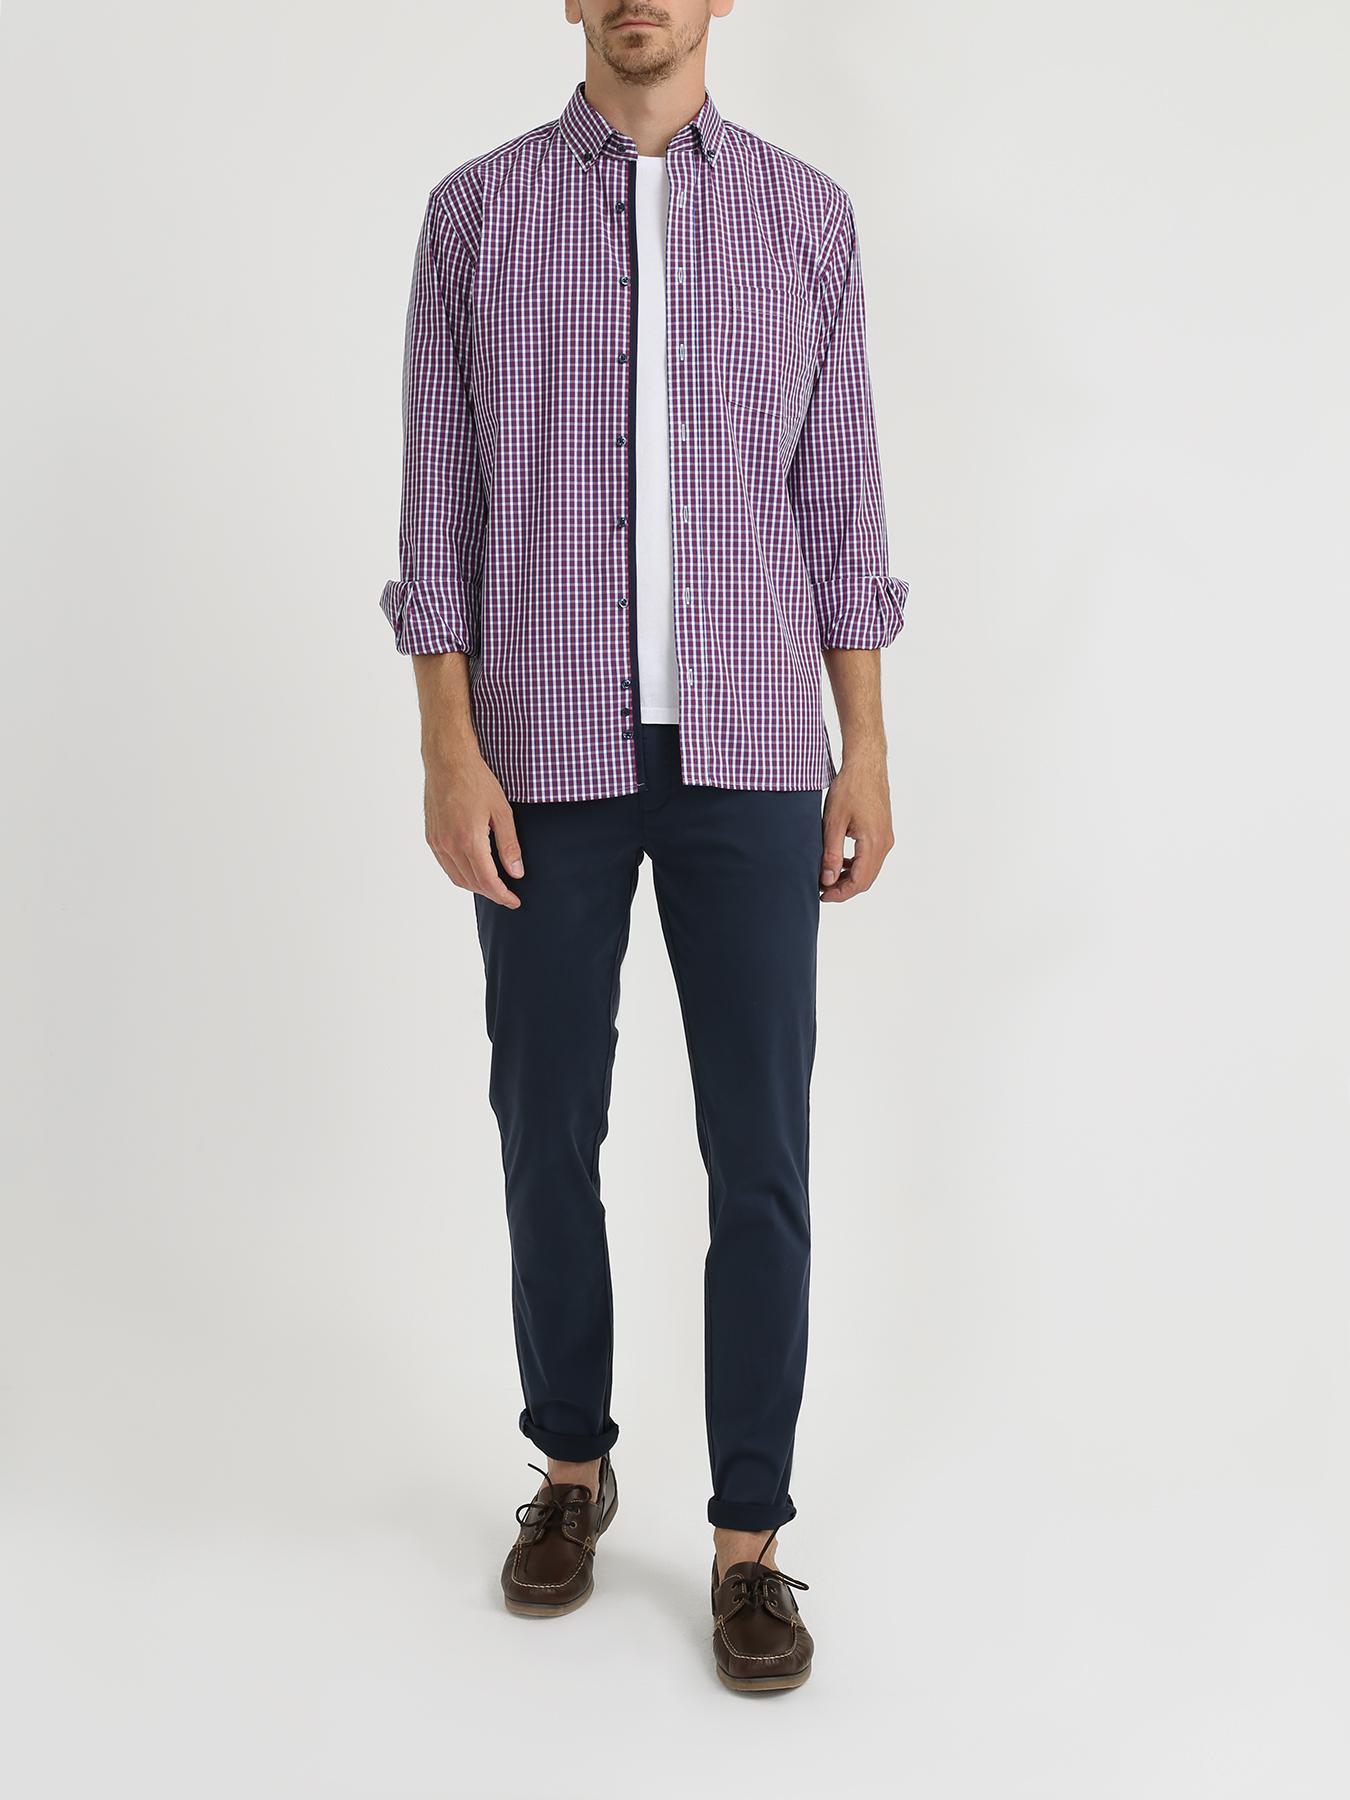 Рубашка Eterna Хлопковая рубашка с карманом